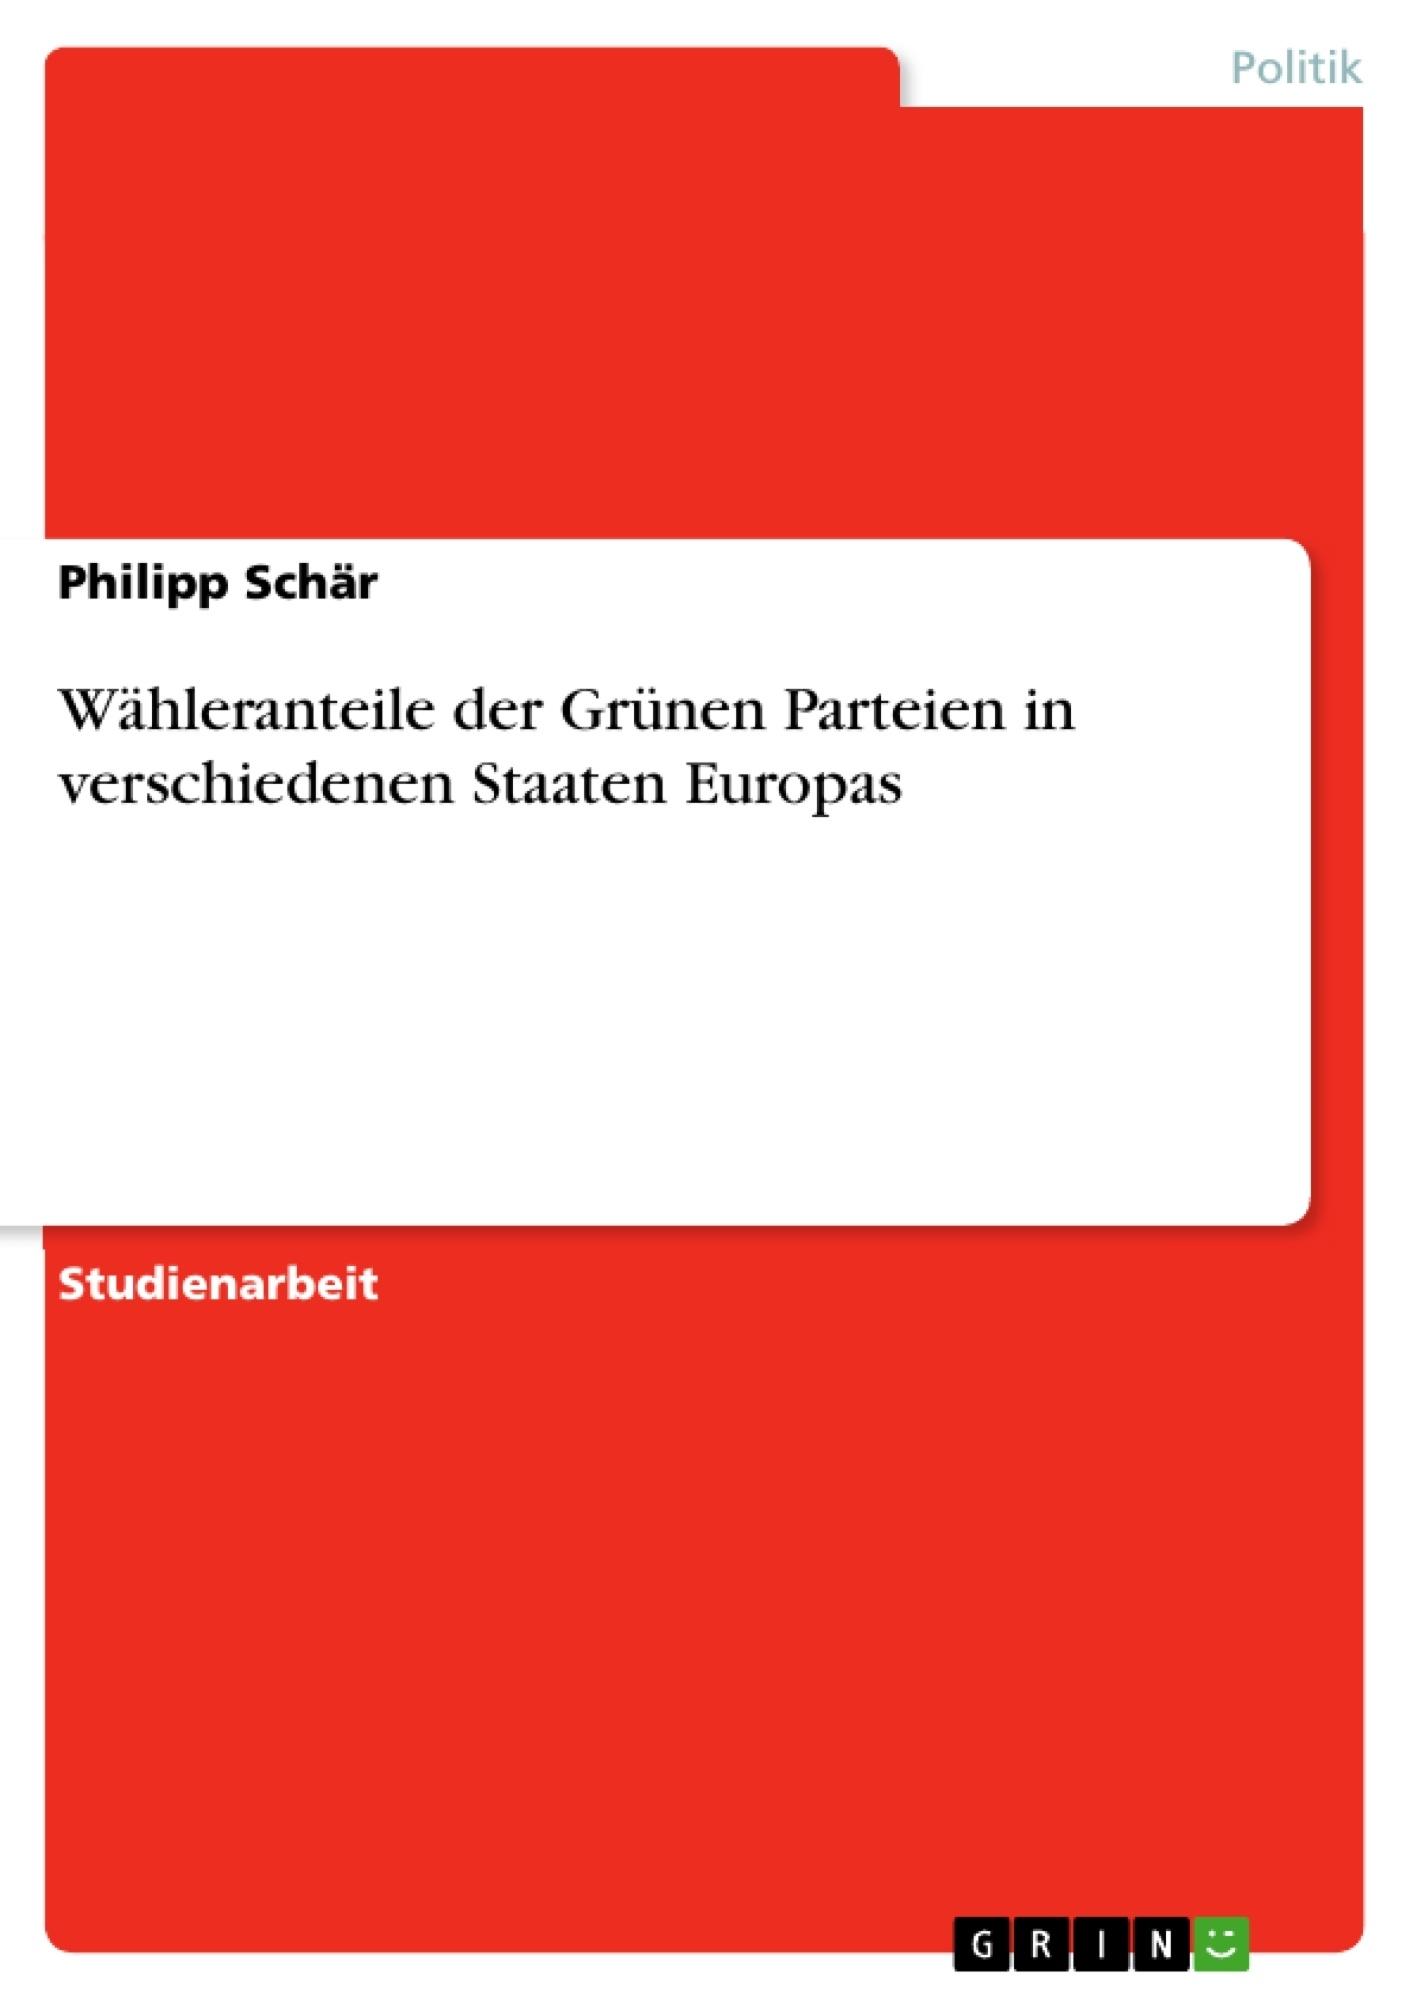 Titel: Wähleranteile der Grünen Parteien in verschiedenen Staaten Europas